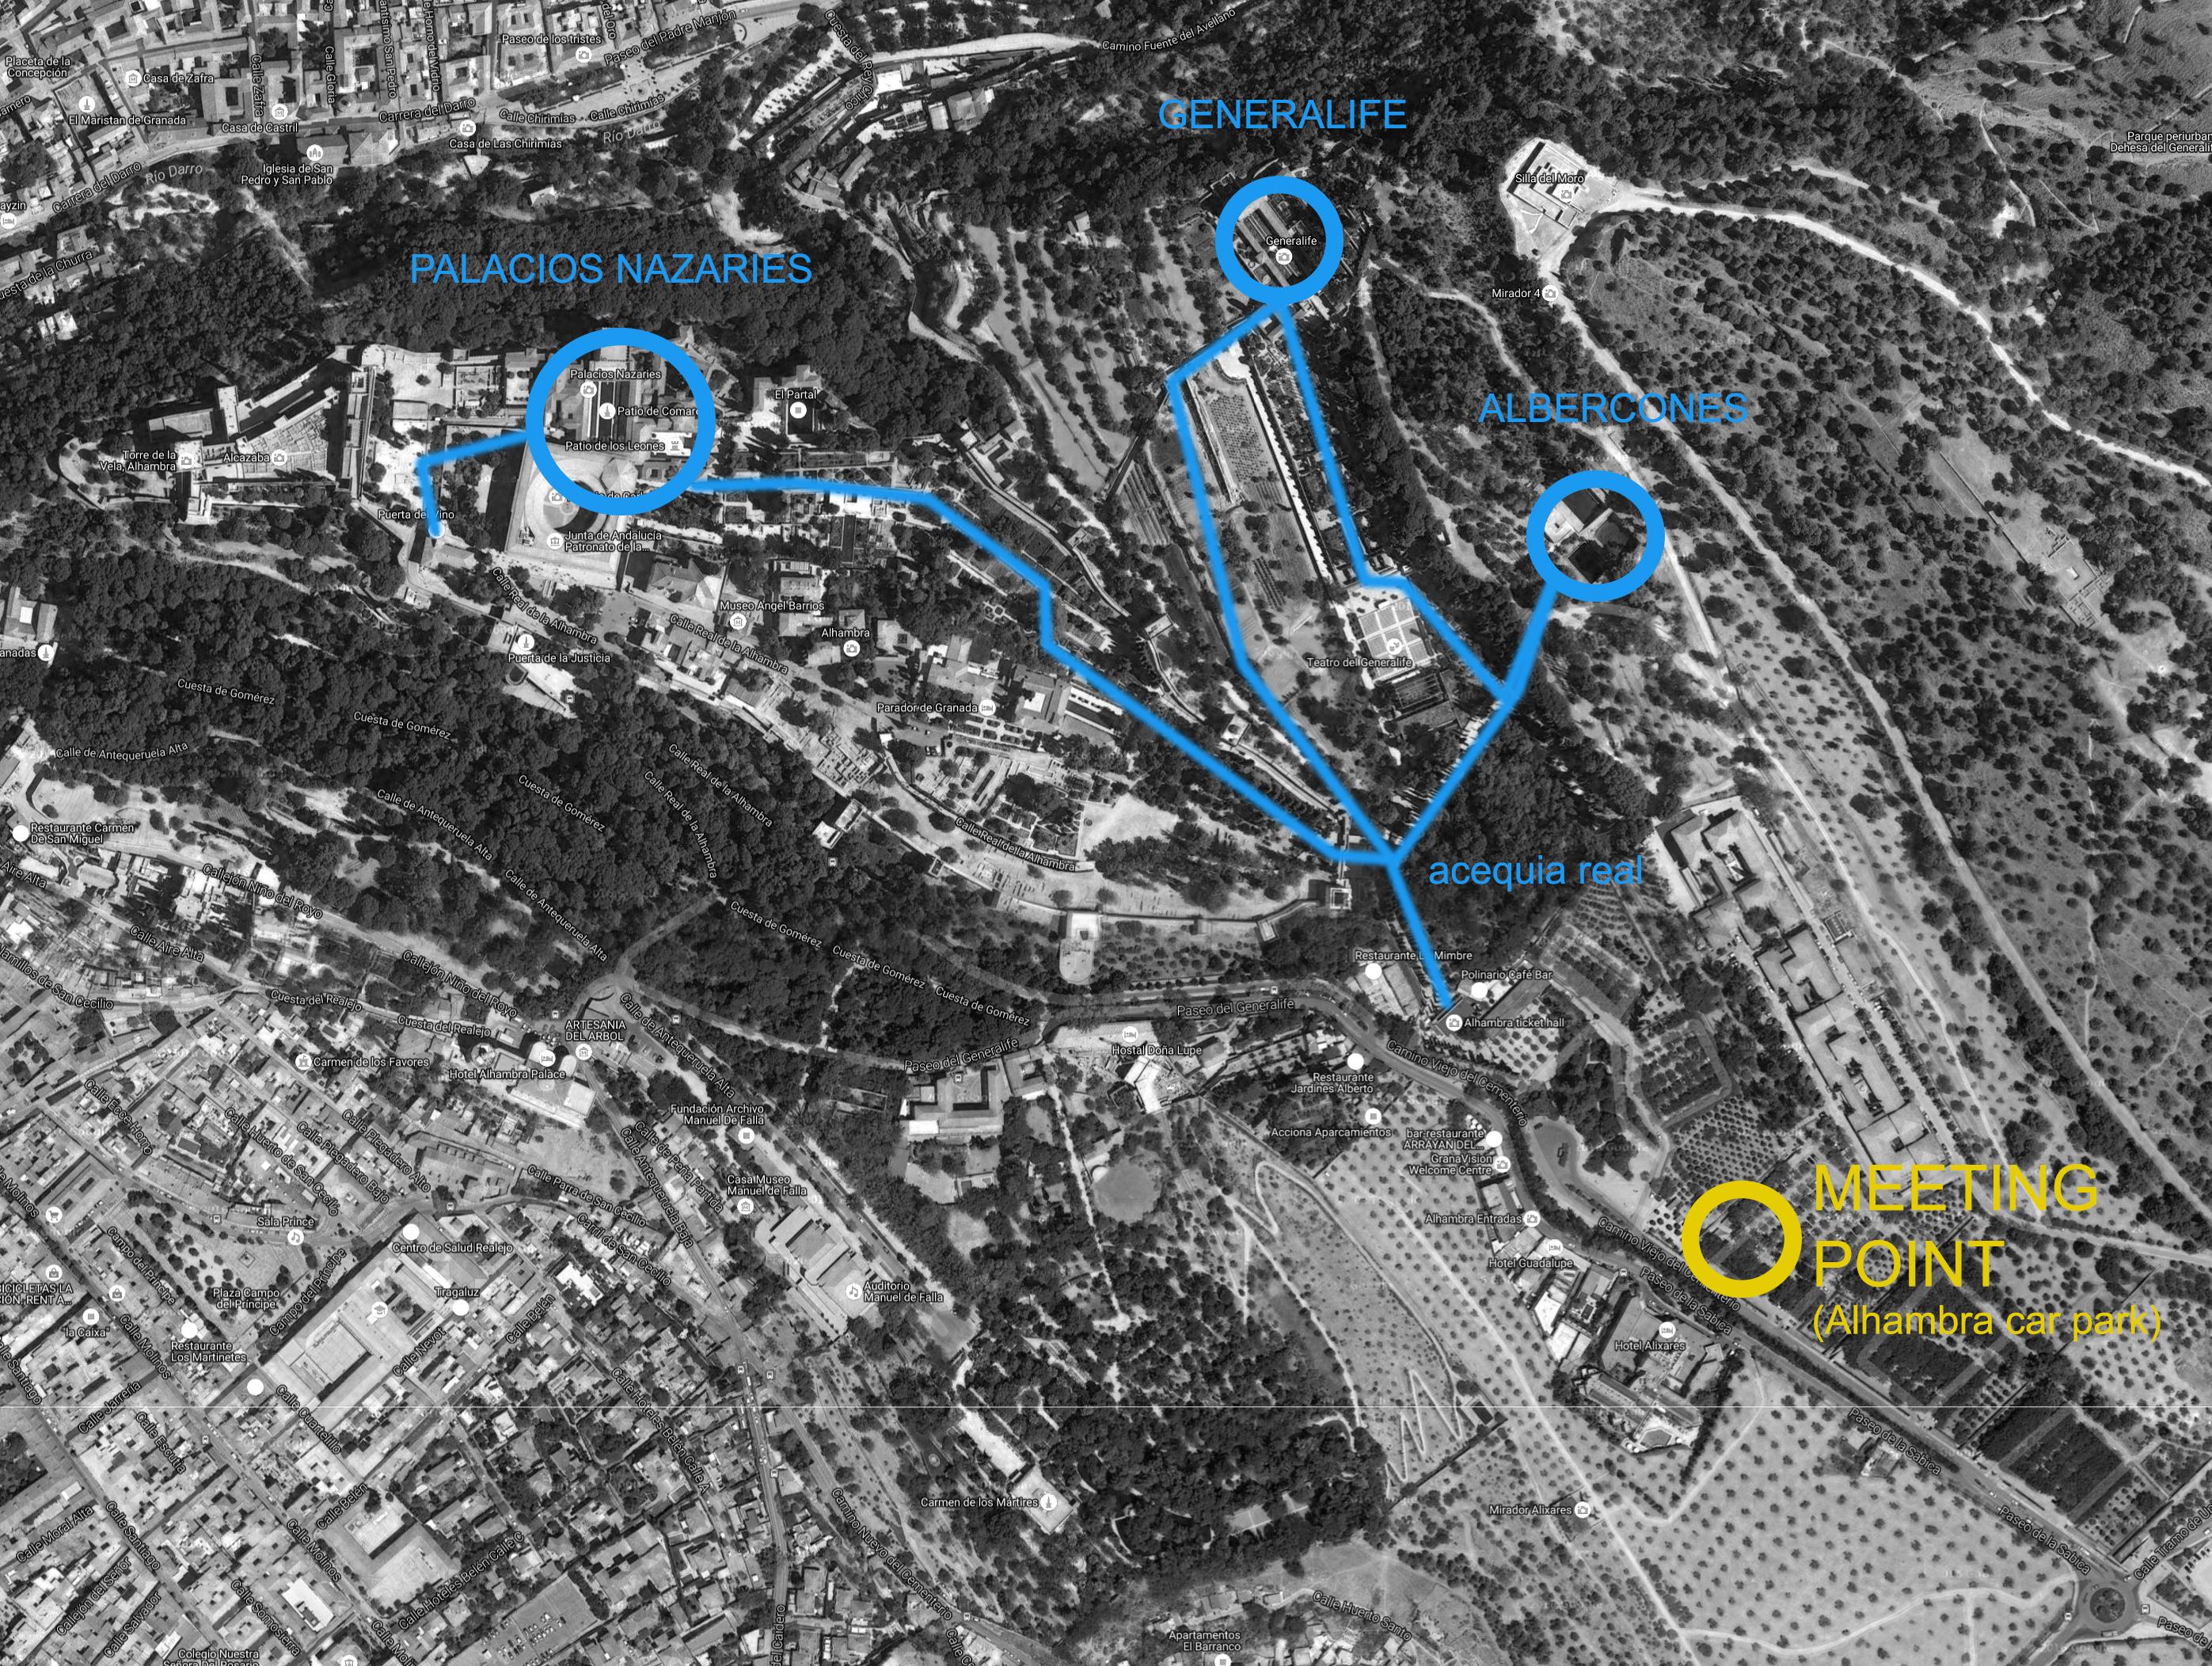 plano alhambra_visita_2